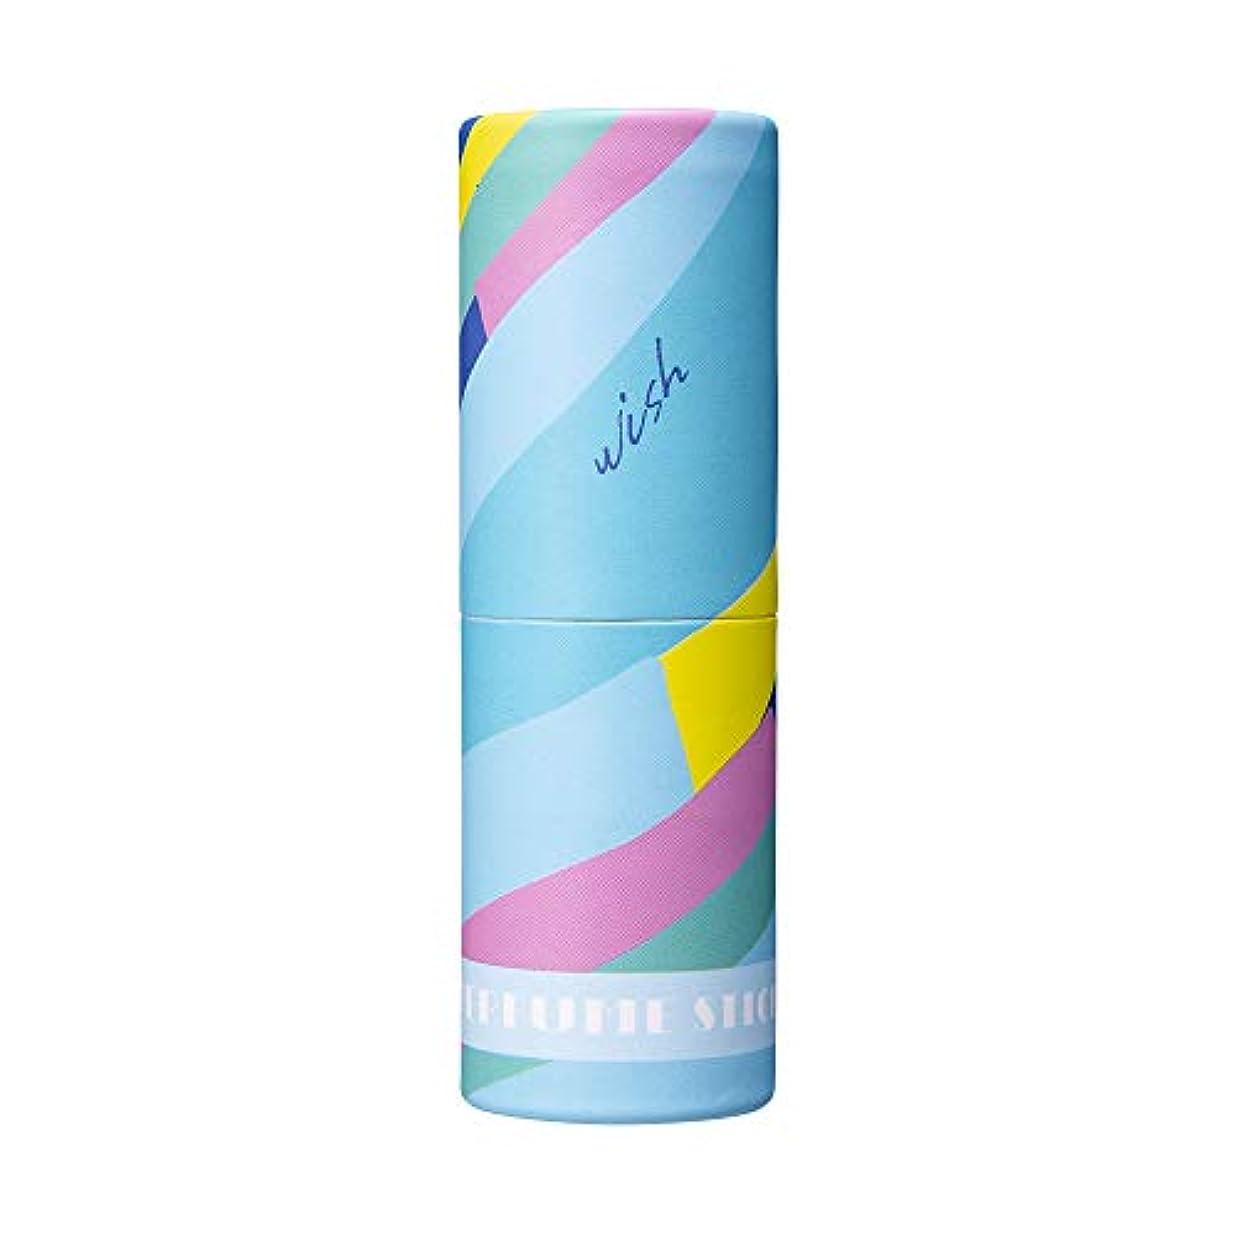 シュガーレギュラーラリーパフュームスティック ウィッシュ ホワイトフラワー&シャボンの香り オリジナルデザイン 5g